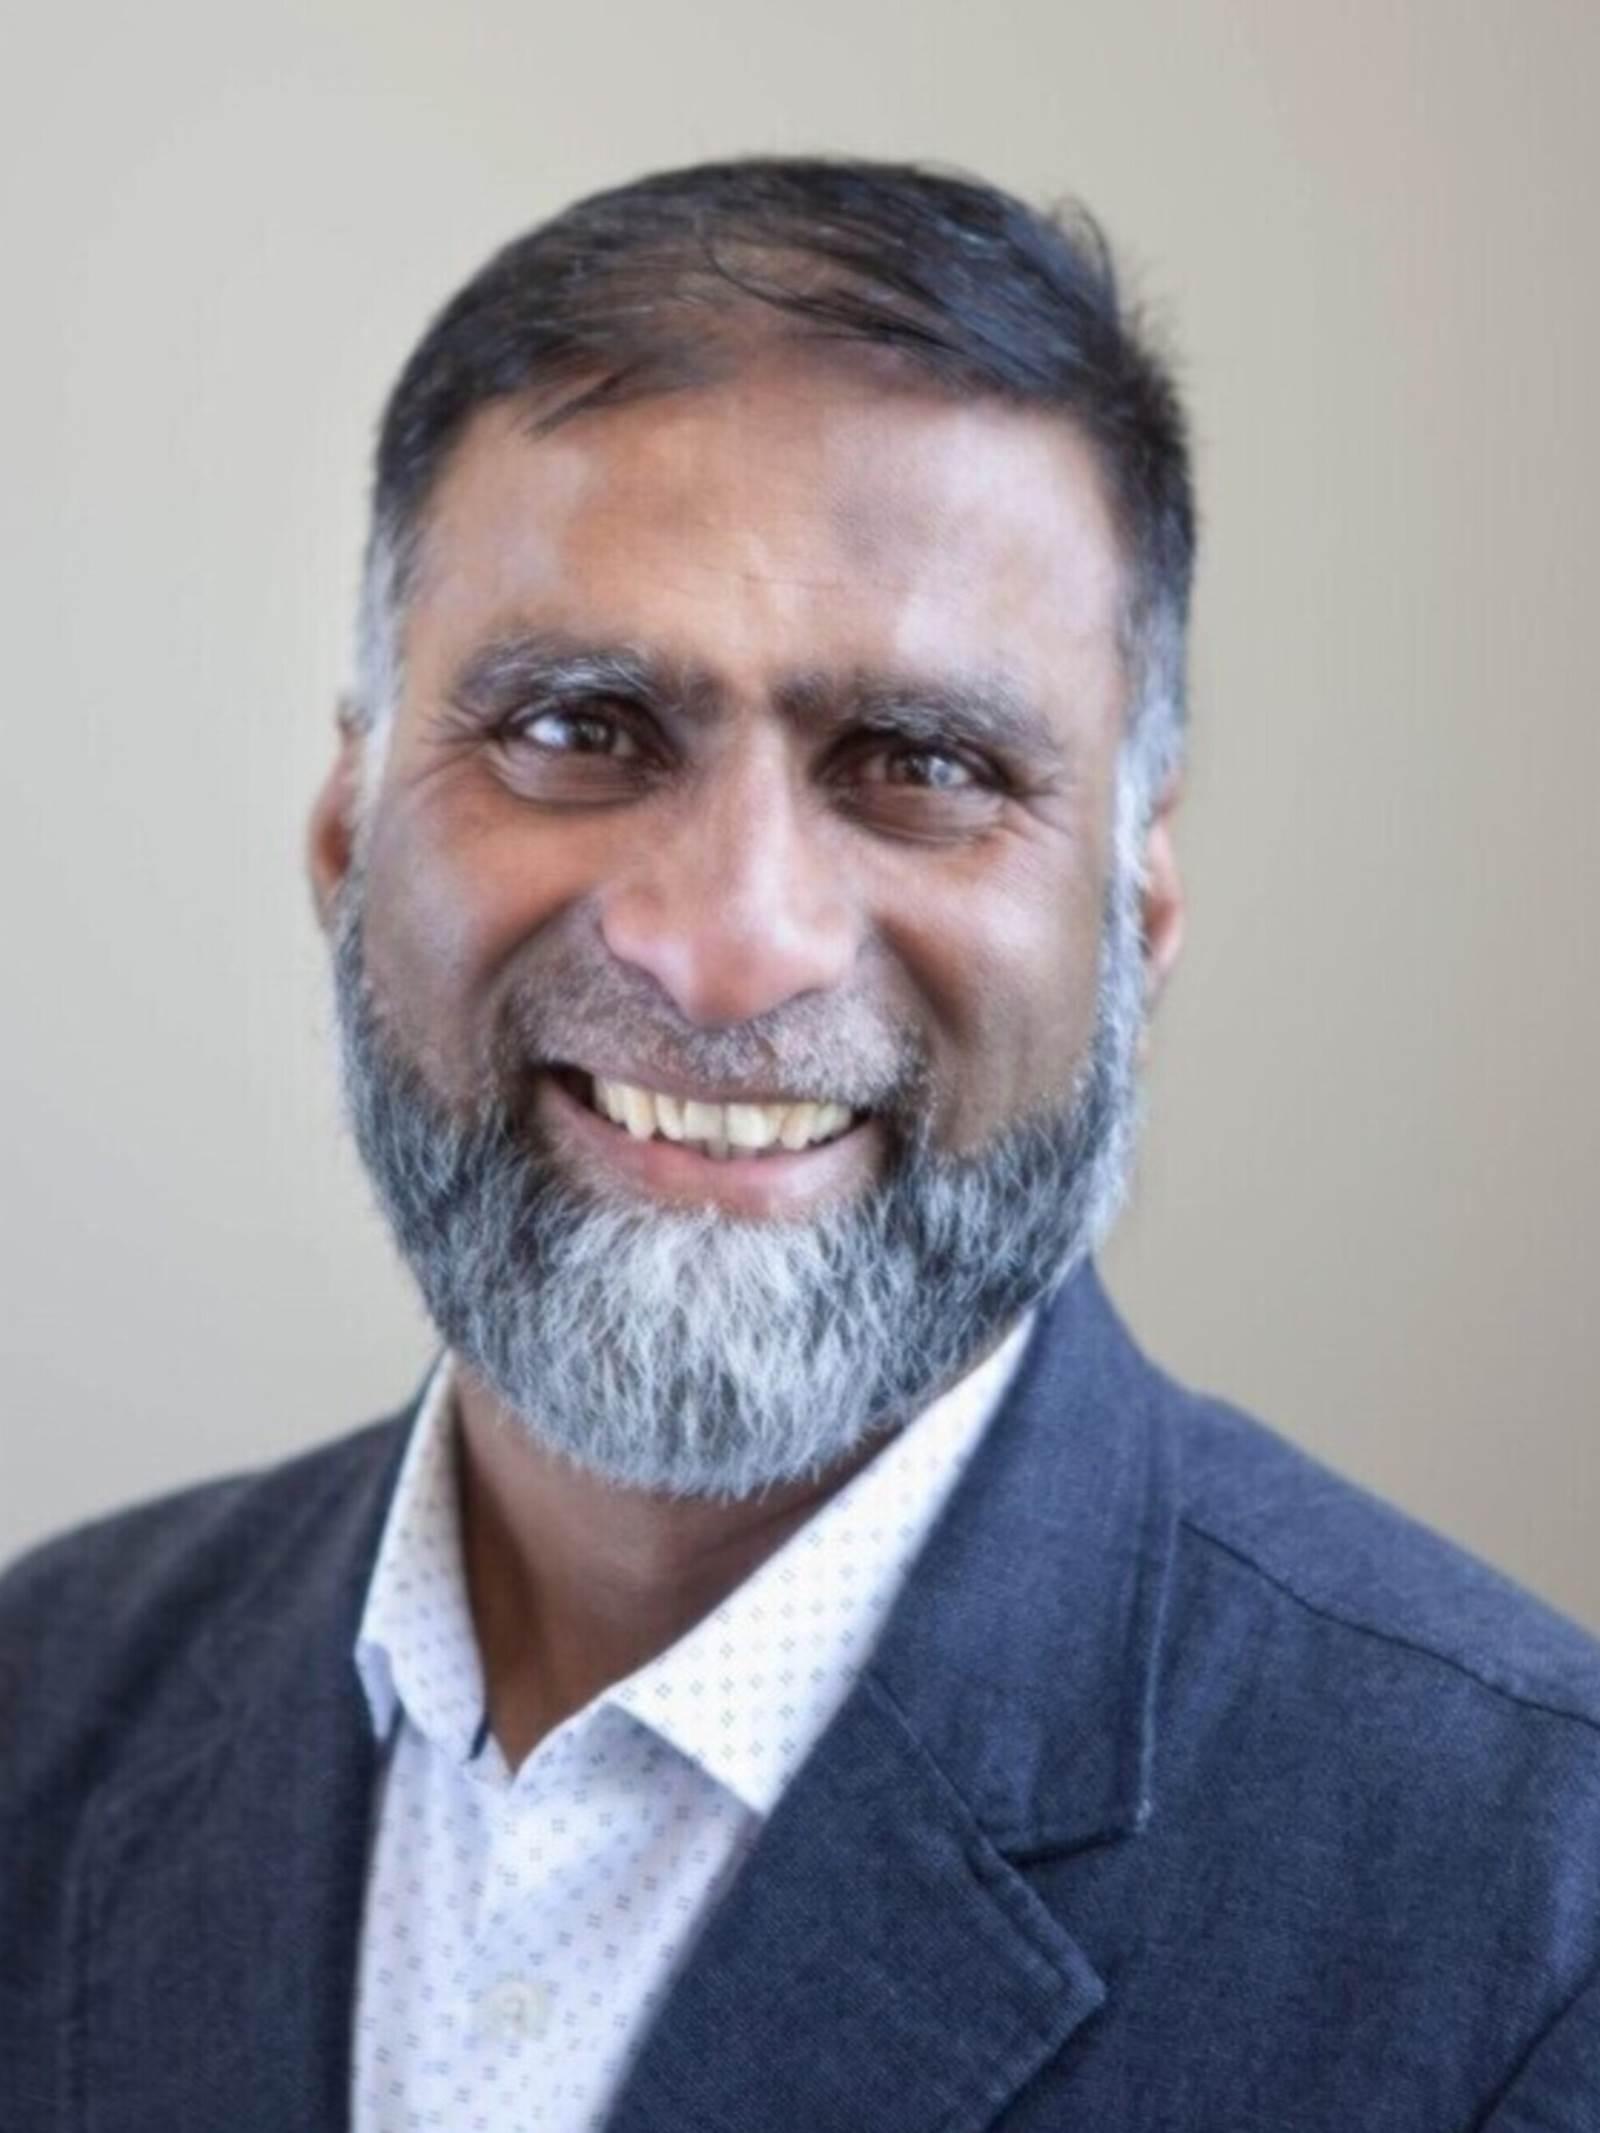 Taj Shaikh